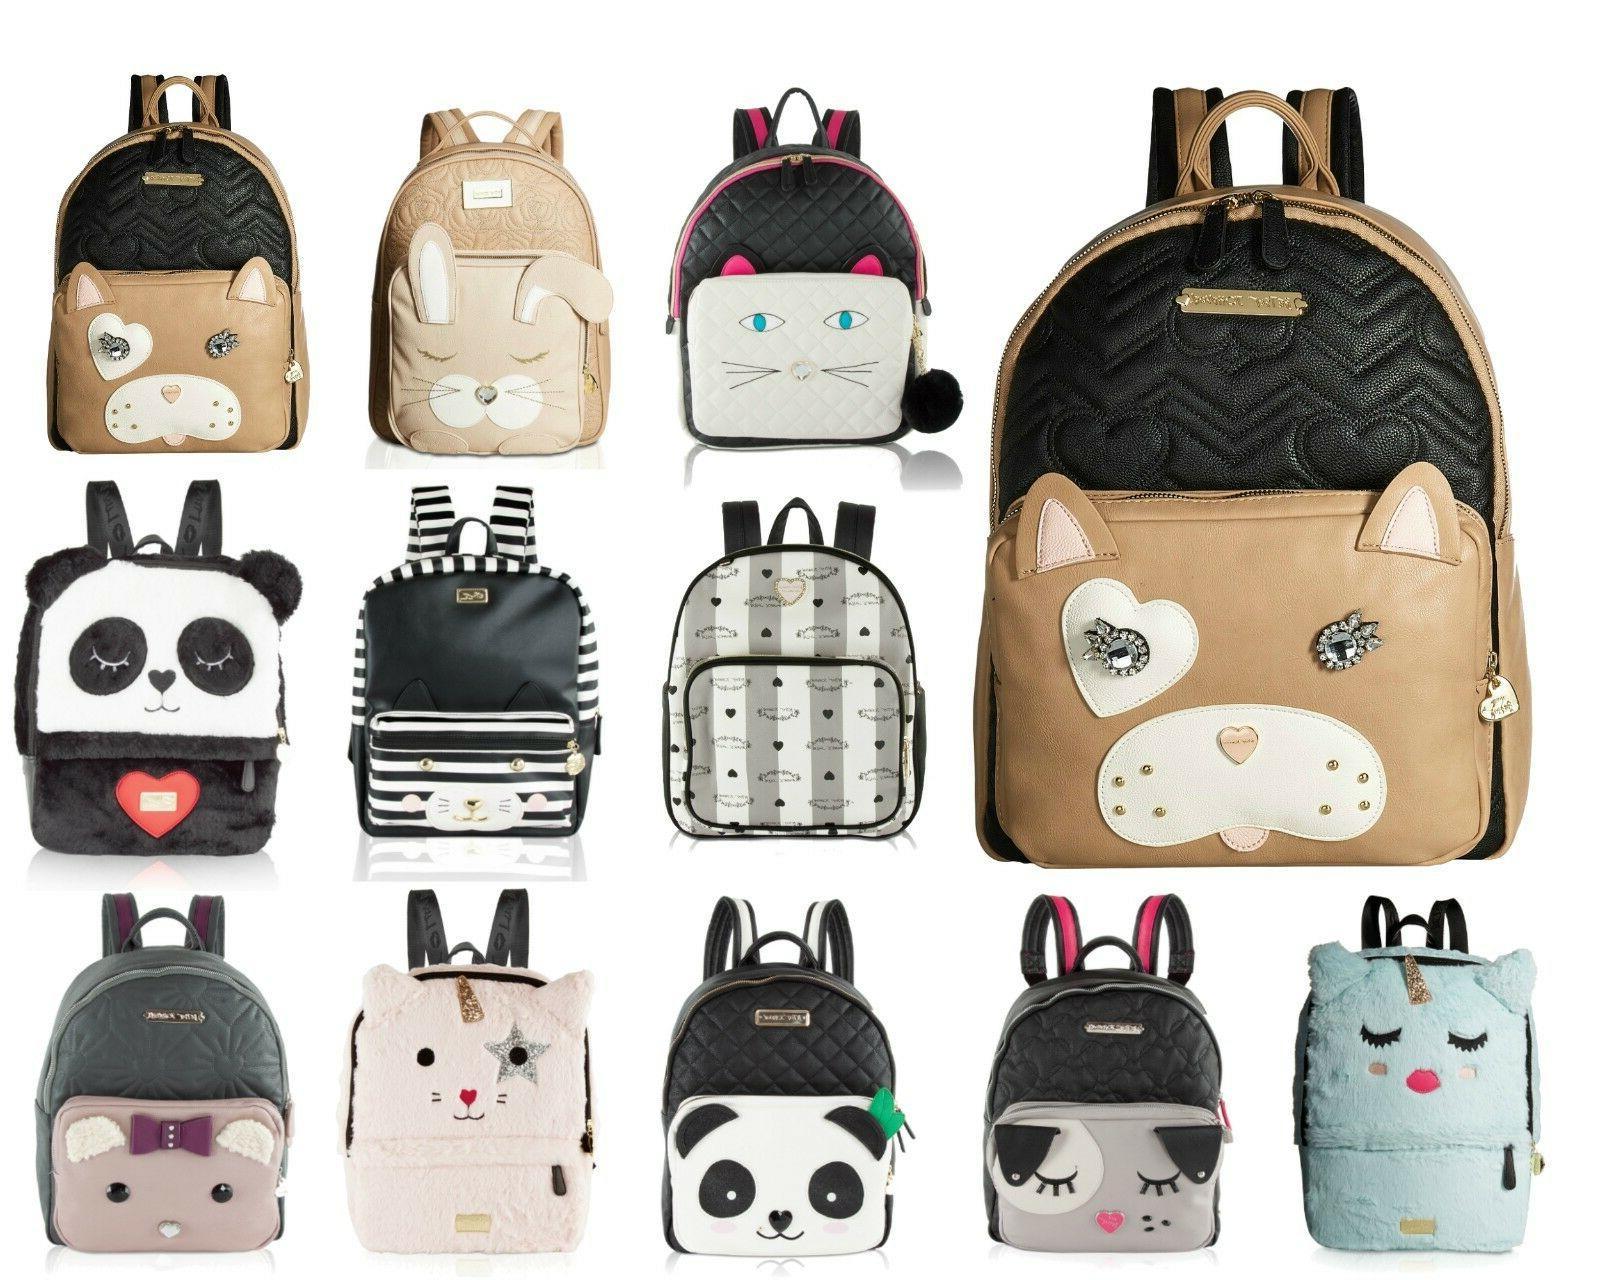 Betsey Johnson Large School Travel Luggage Backpack Purse Bo